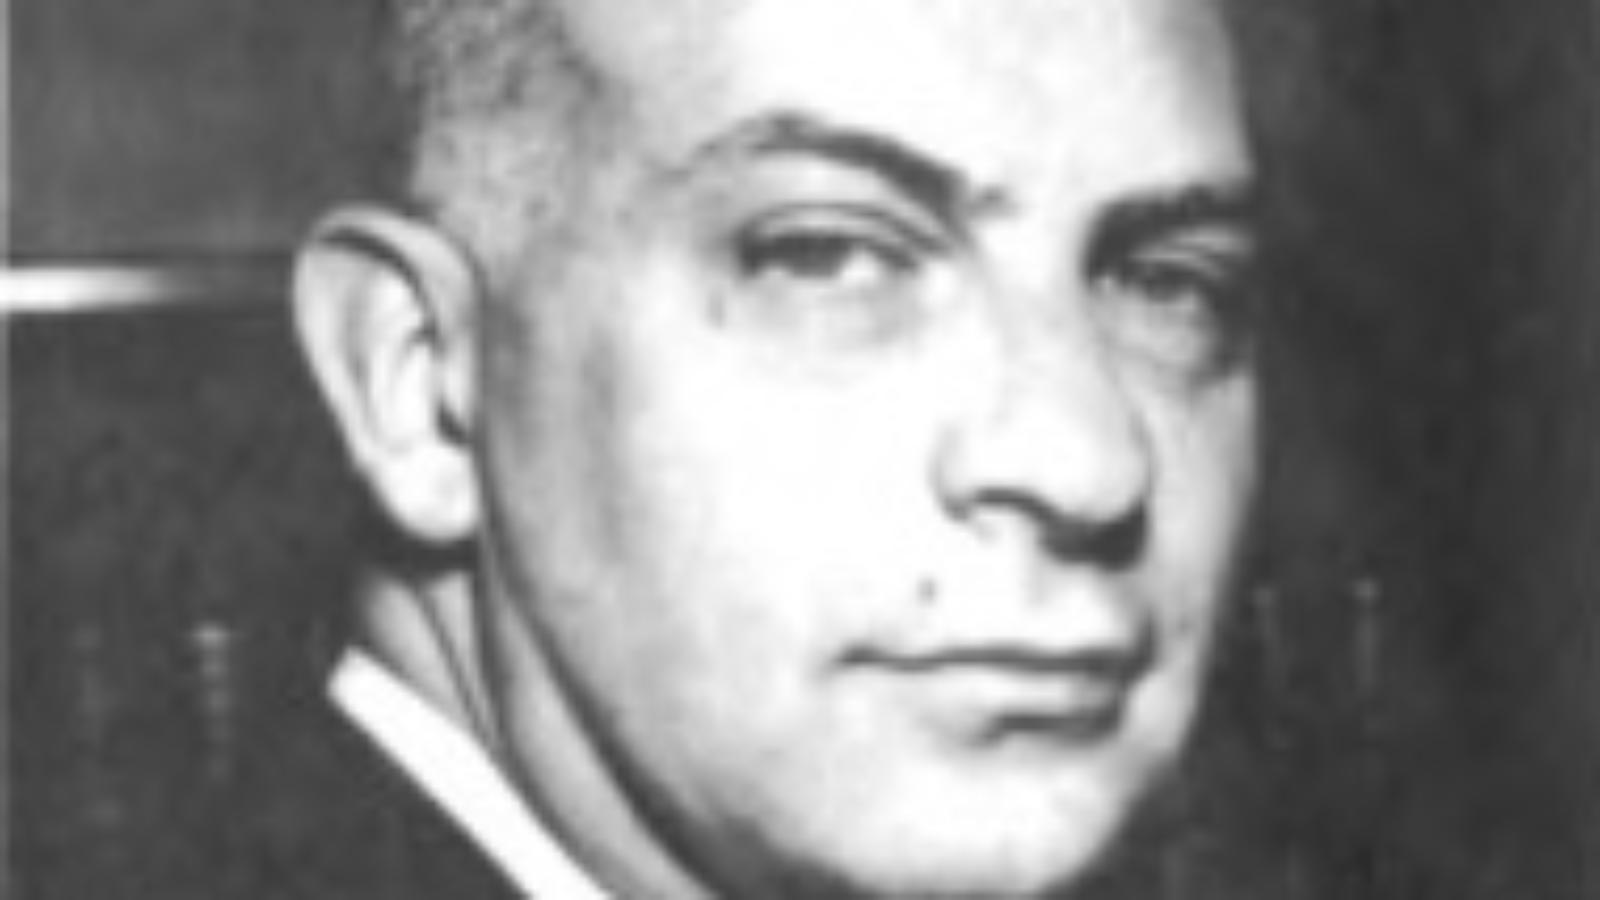 Abba Schwartz old headshot